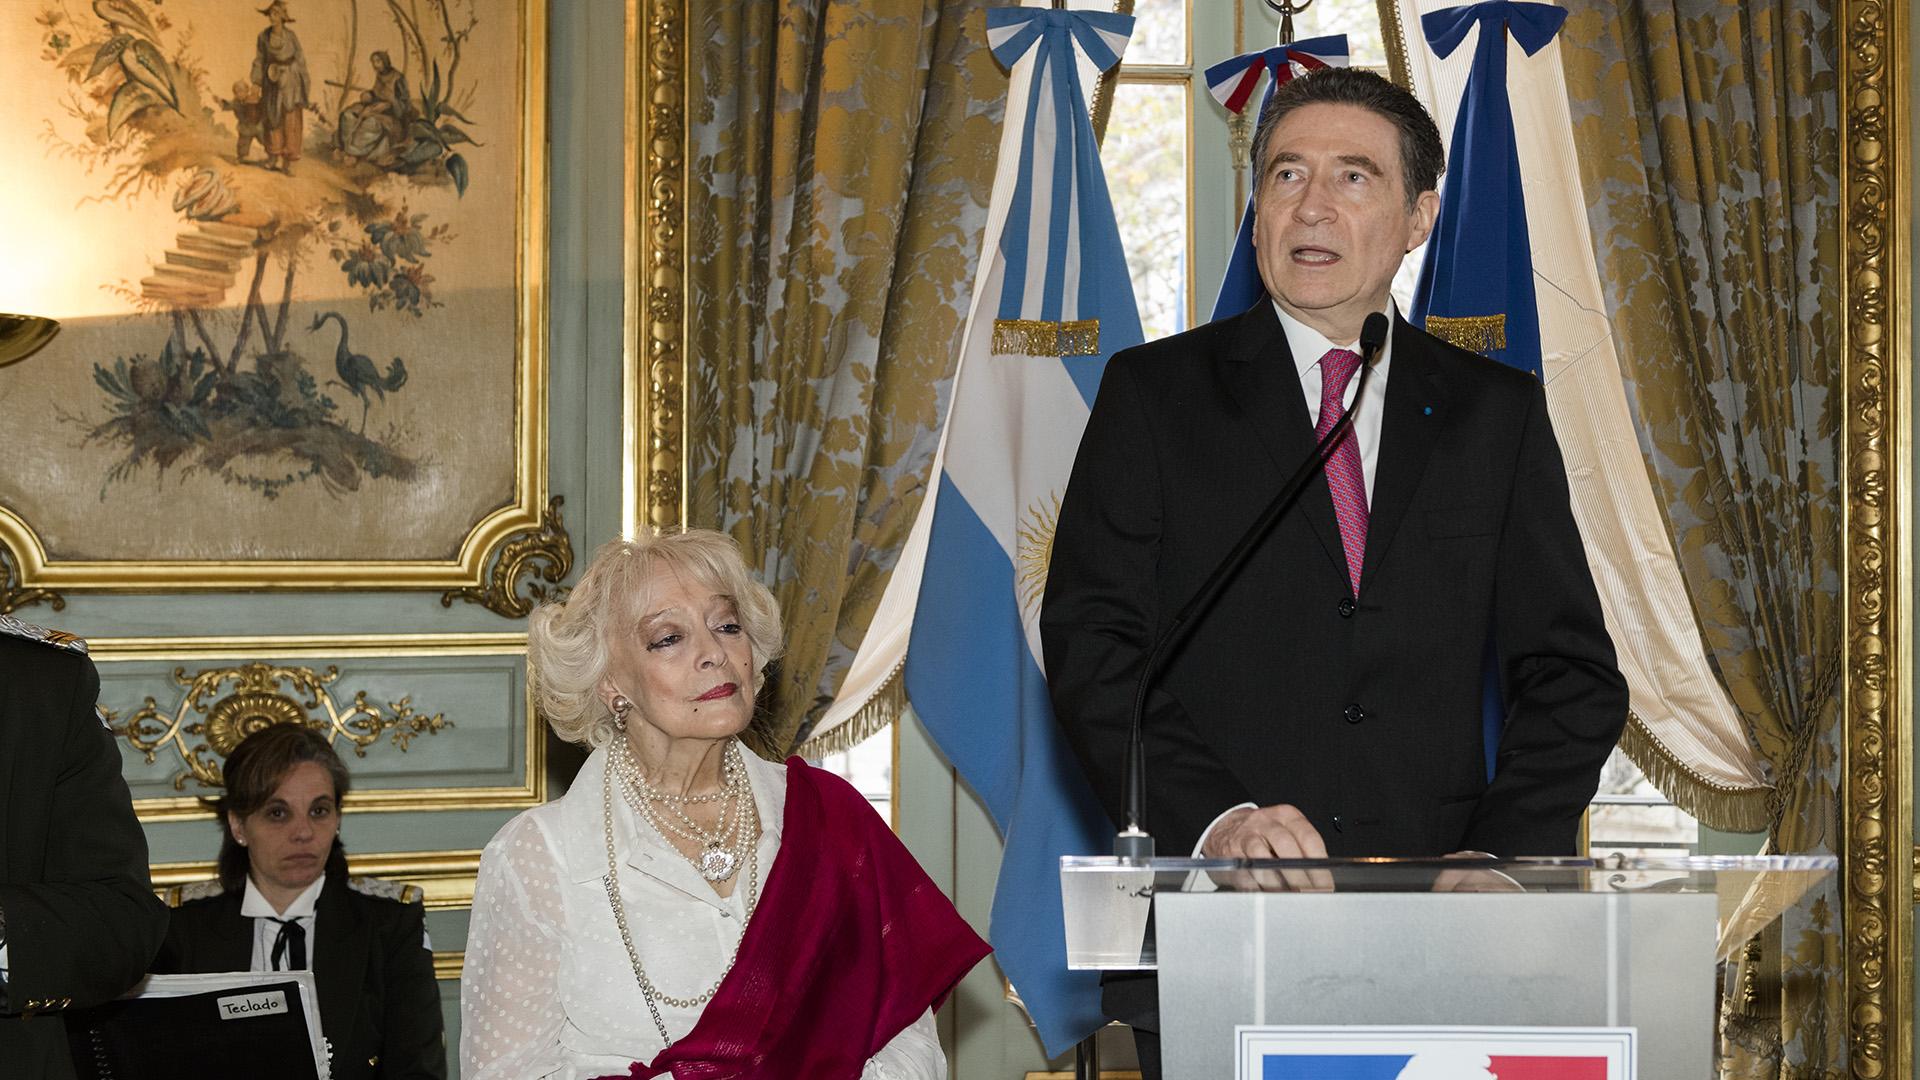 Elembajadorde Francia en la Argentina, Pierre-HenriGuignard, acompañado por su mujer Marie-Carmen durante la recepción del 14 de julio